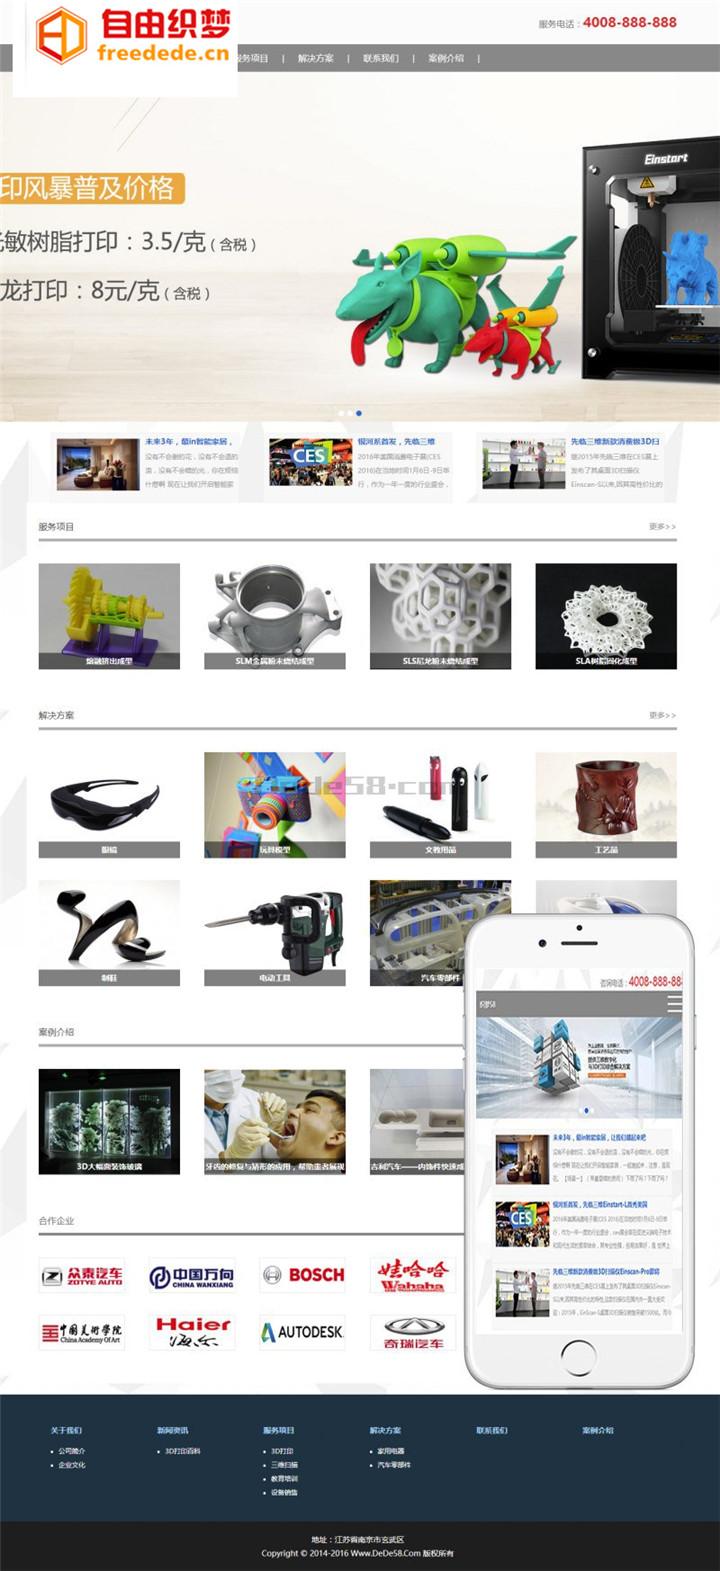 爱上源码网文章响应式3D打印设备公司网站织梦源码(自适应手机版)营销型整站源码下载的内容插图